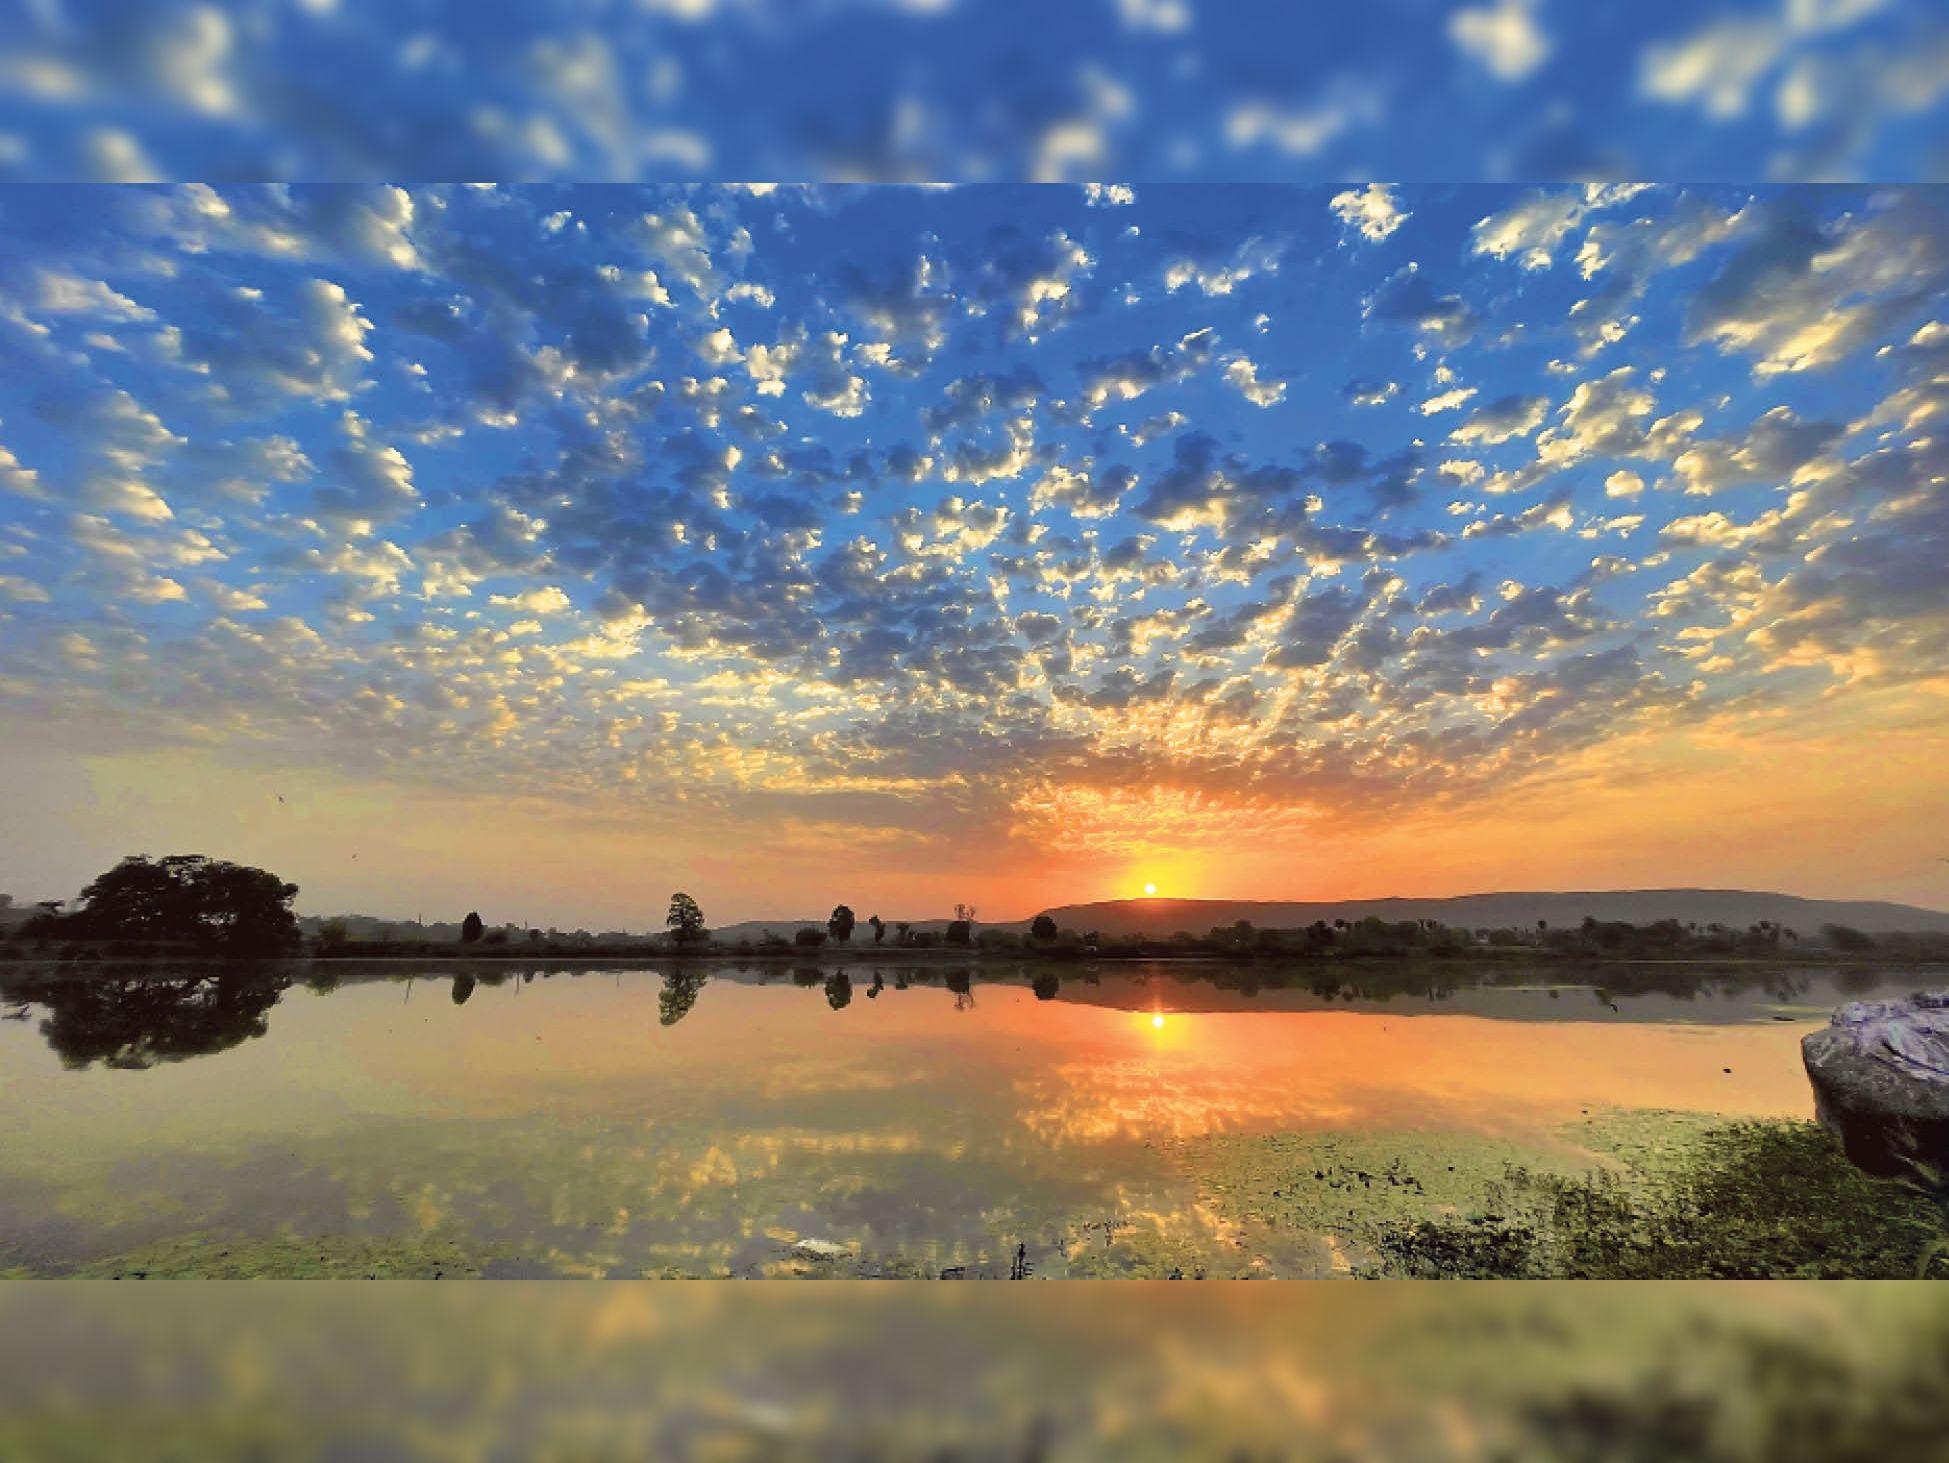 यह तस्वीर डायलाब तालाब क्षेत्र से नेचर फोटोग्राफर भरत कंसारा ने क्लिक की। - Dainik Bhaskar